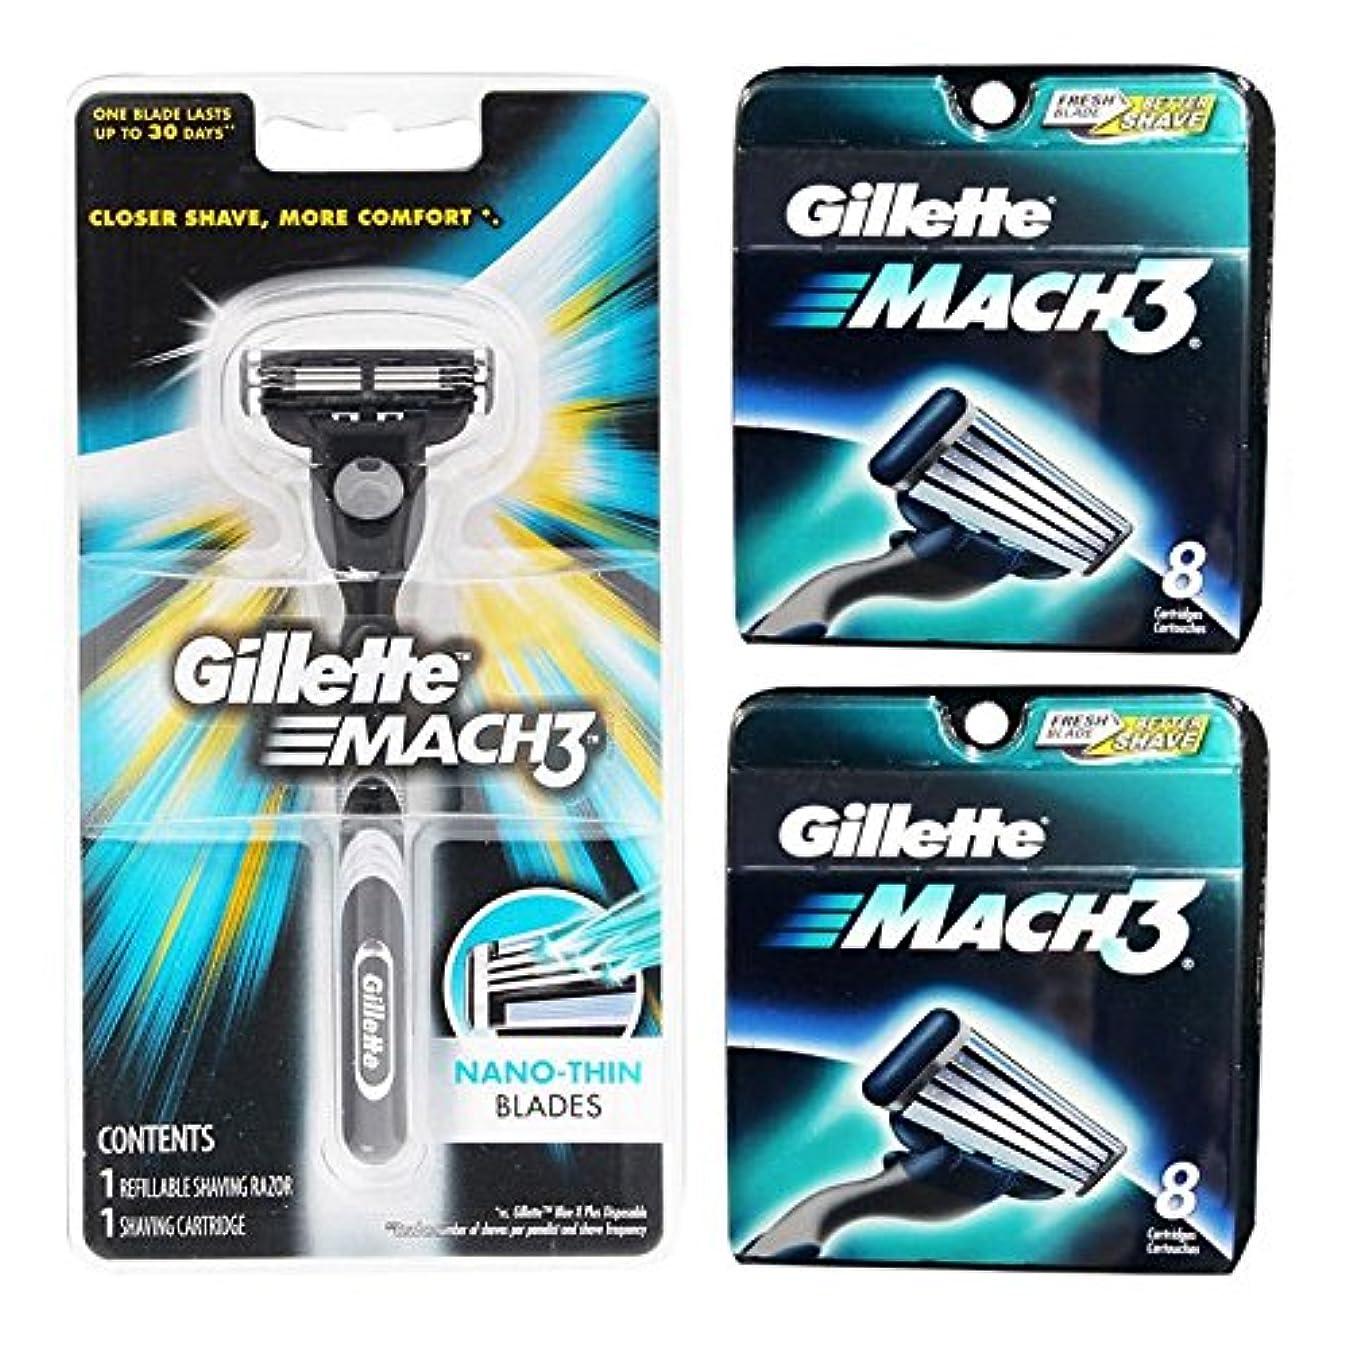 田舎壊れた人物Gillette MACH3 1 Razor + 16 Cartridges Refills Blade ダイヤモンドのようなコートド [並行輸入品]